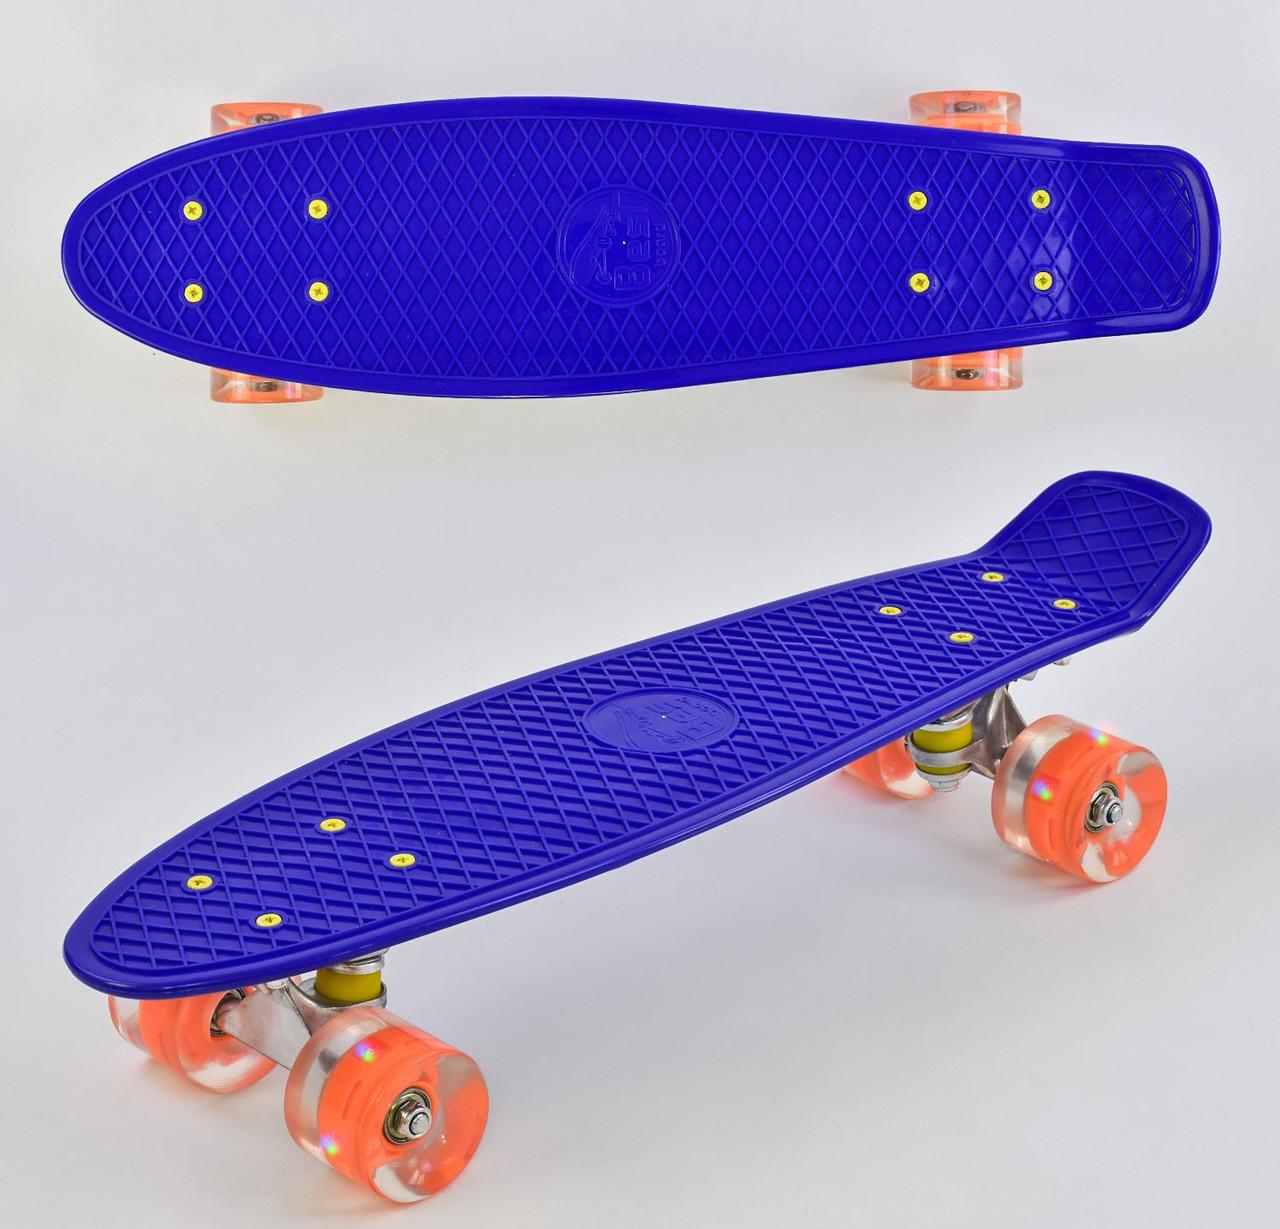 Лонгборд Пенні борд 7070 Best Board дошка 55 см, колеса PU, світяться, синій